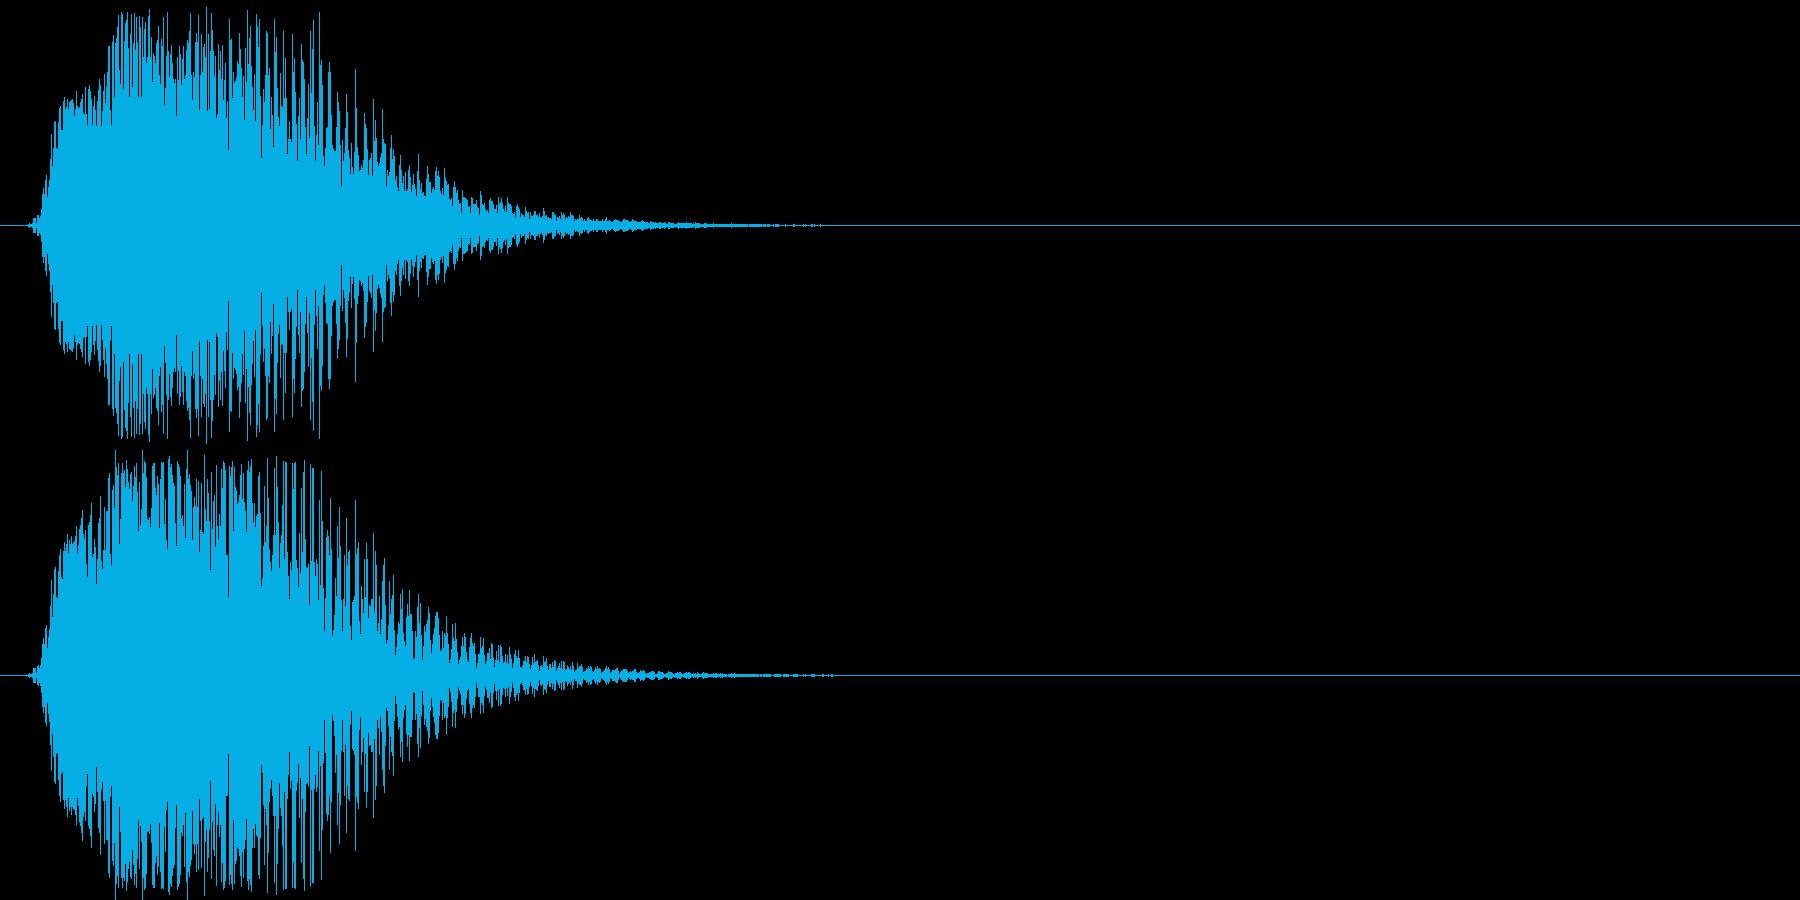 メカやロボの起動音「ブン」4の再生済みの波形